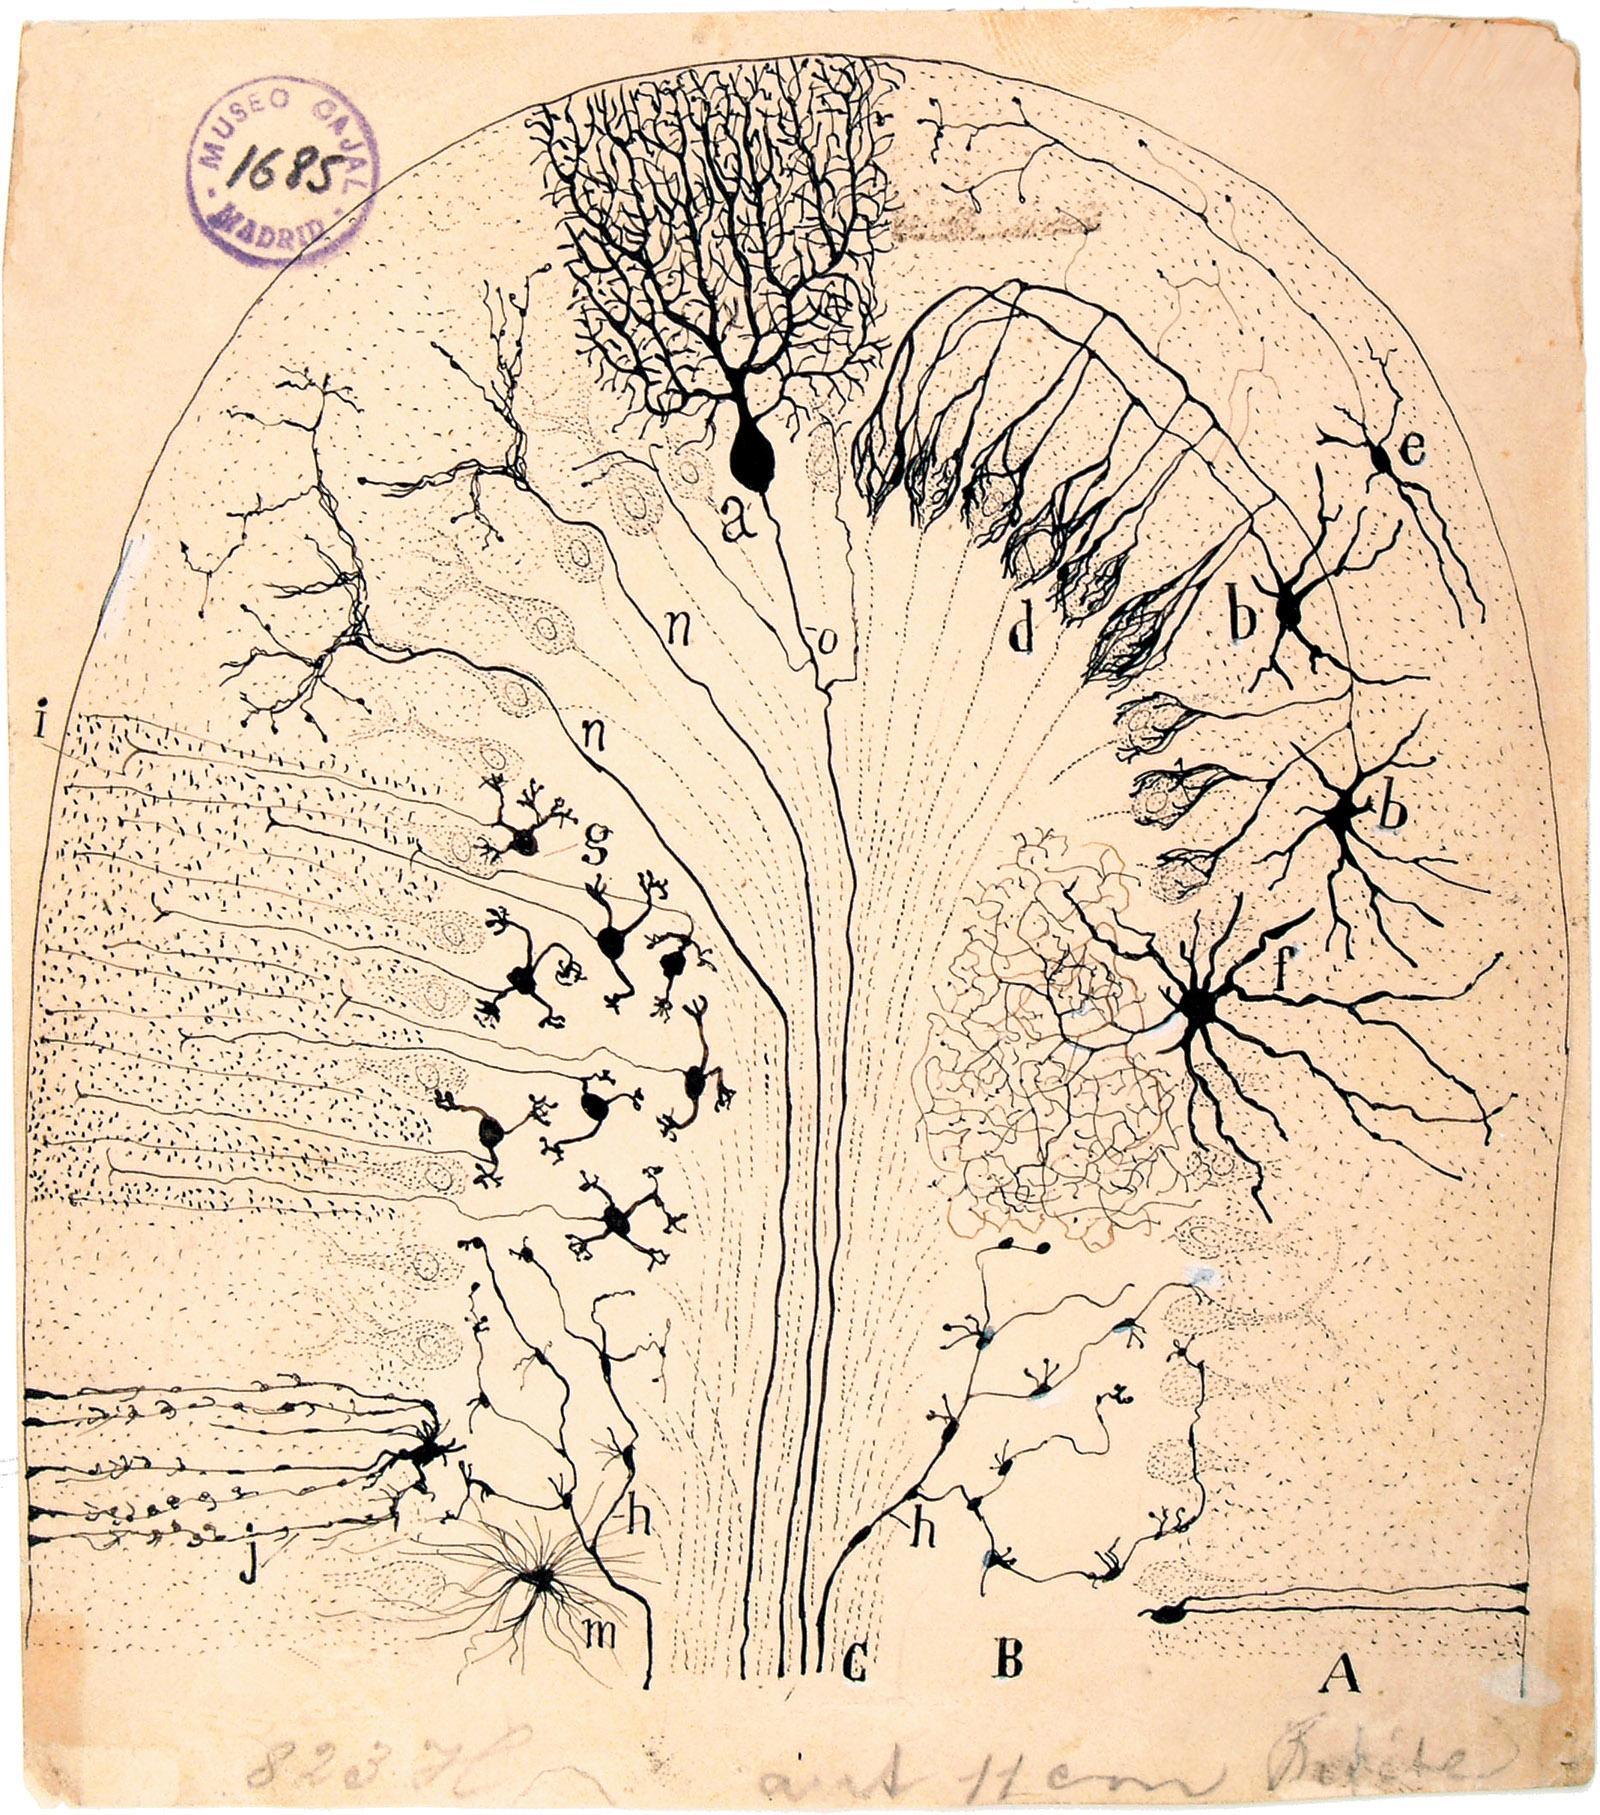 Diagram of the cerebellum by Santiago Ramón y Cajal, 1894